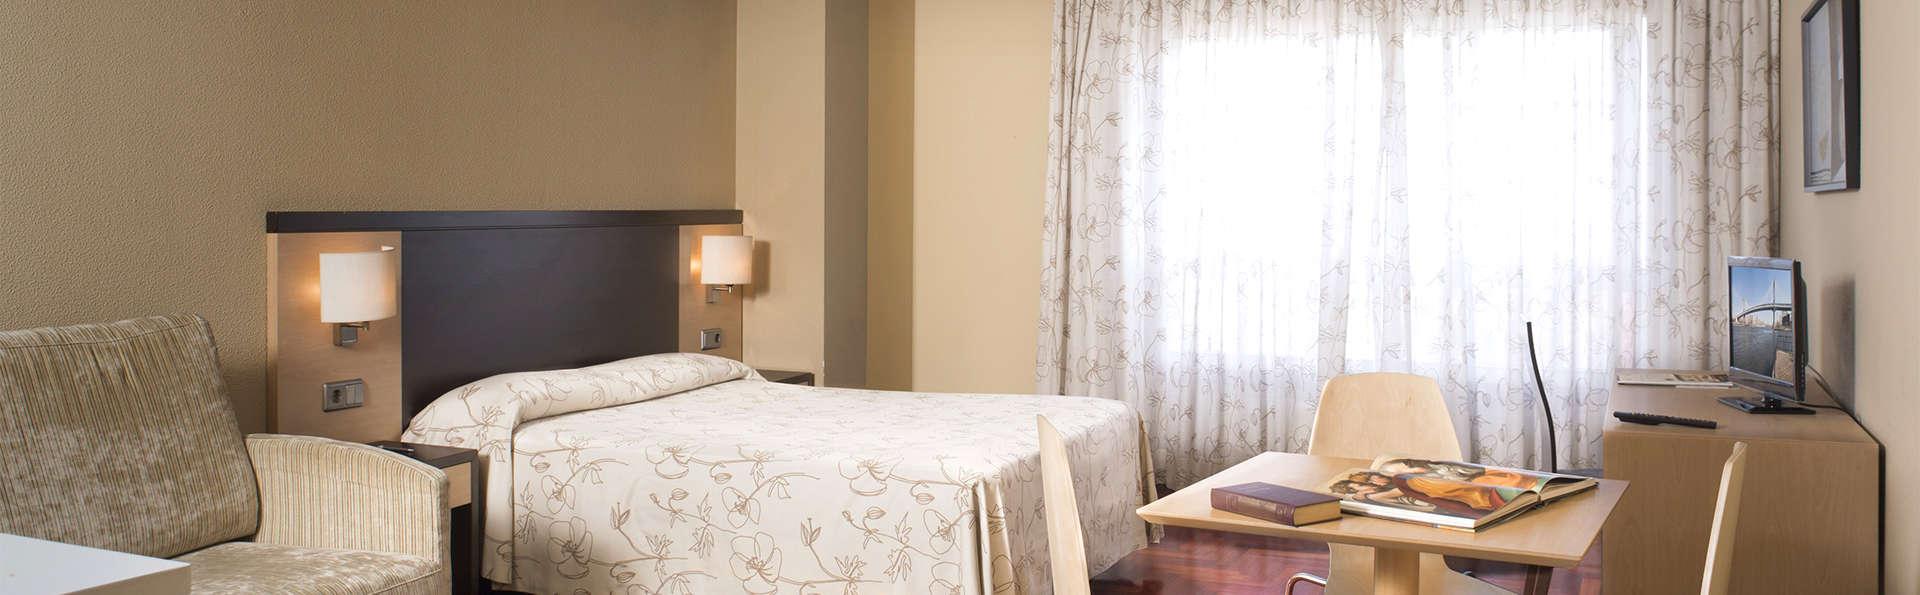 Apartamentos Attica 21 Portazgo - EDIT_Room.jpg